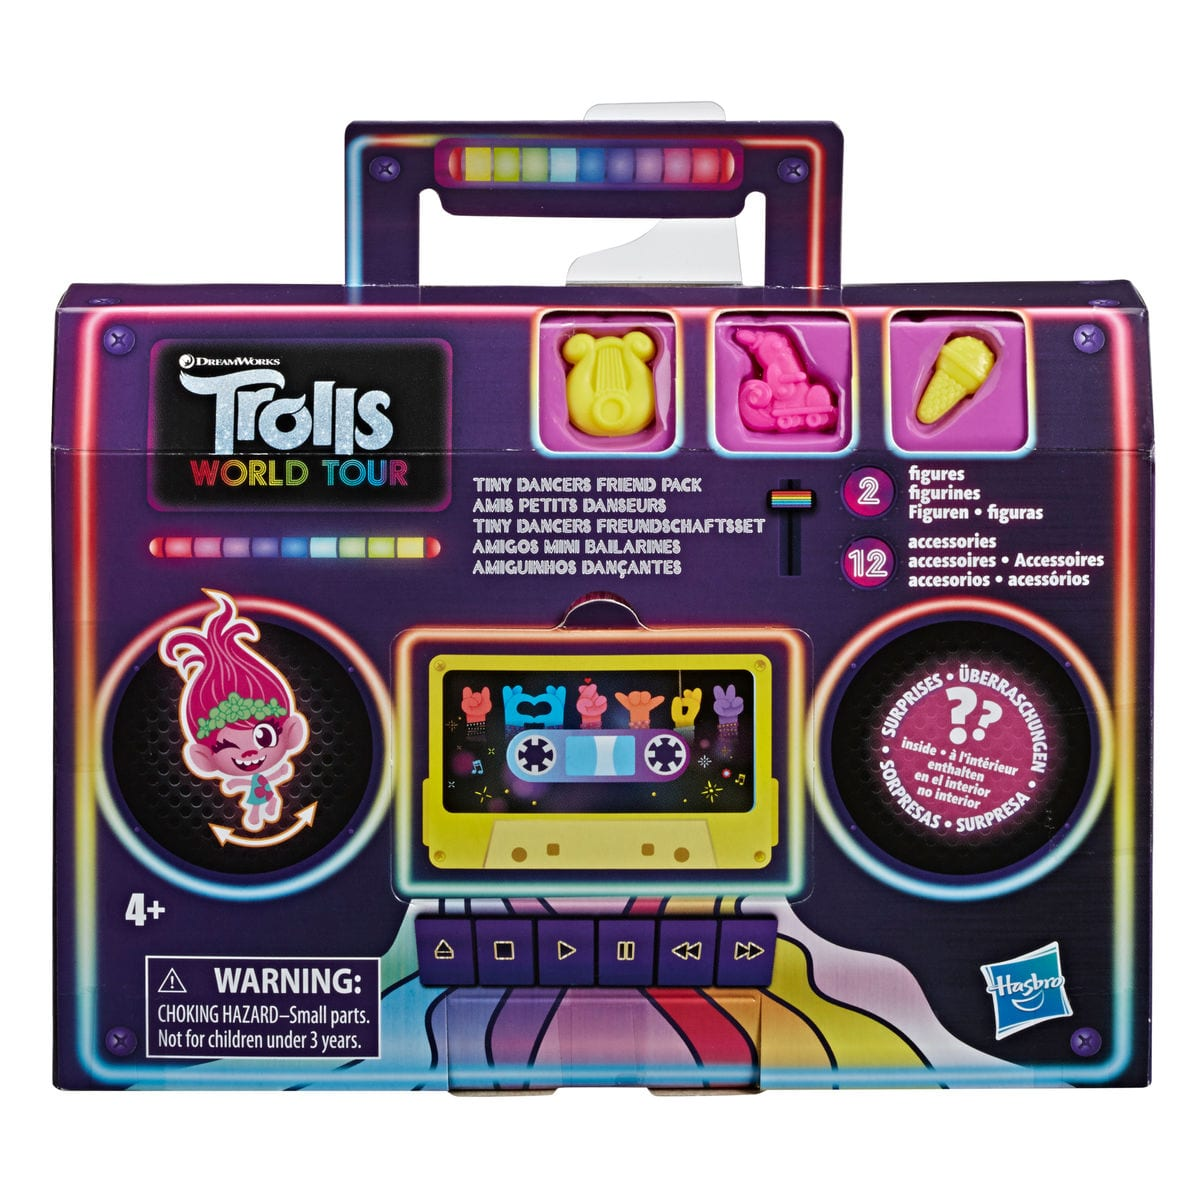 Trolls Dancers Friend Pack Spielfigur